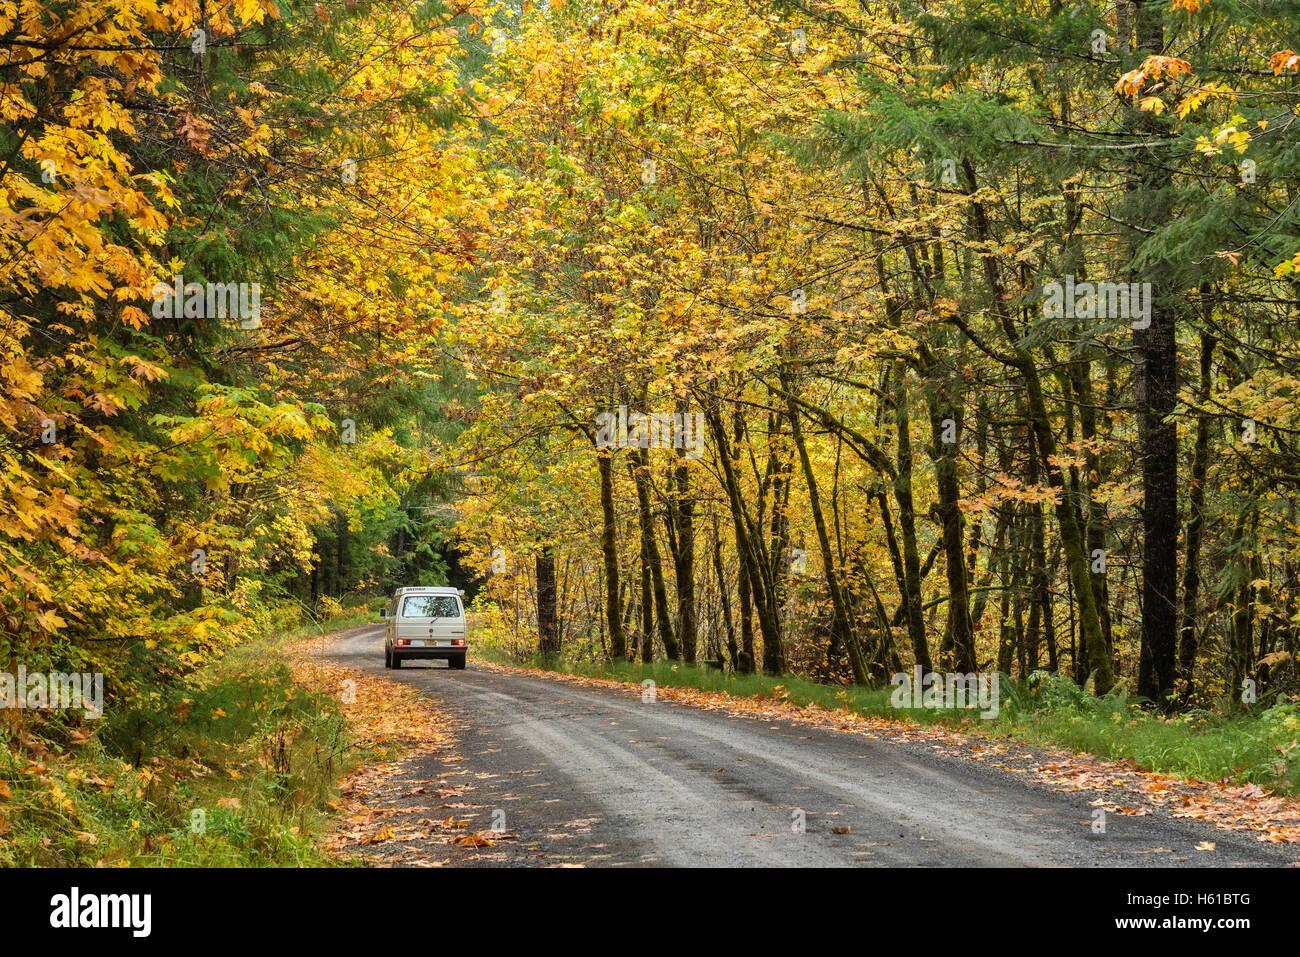 VW Westfalia on Forest Road 27, Umpqua National Forest, Oregon. - Stock Image